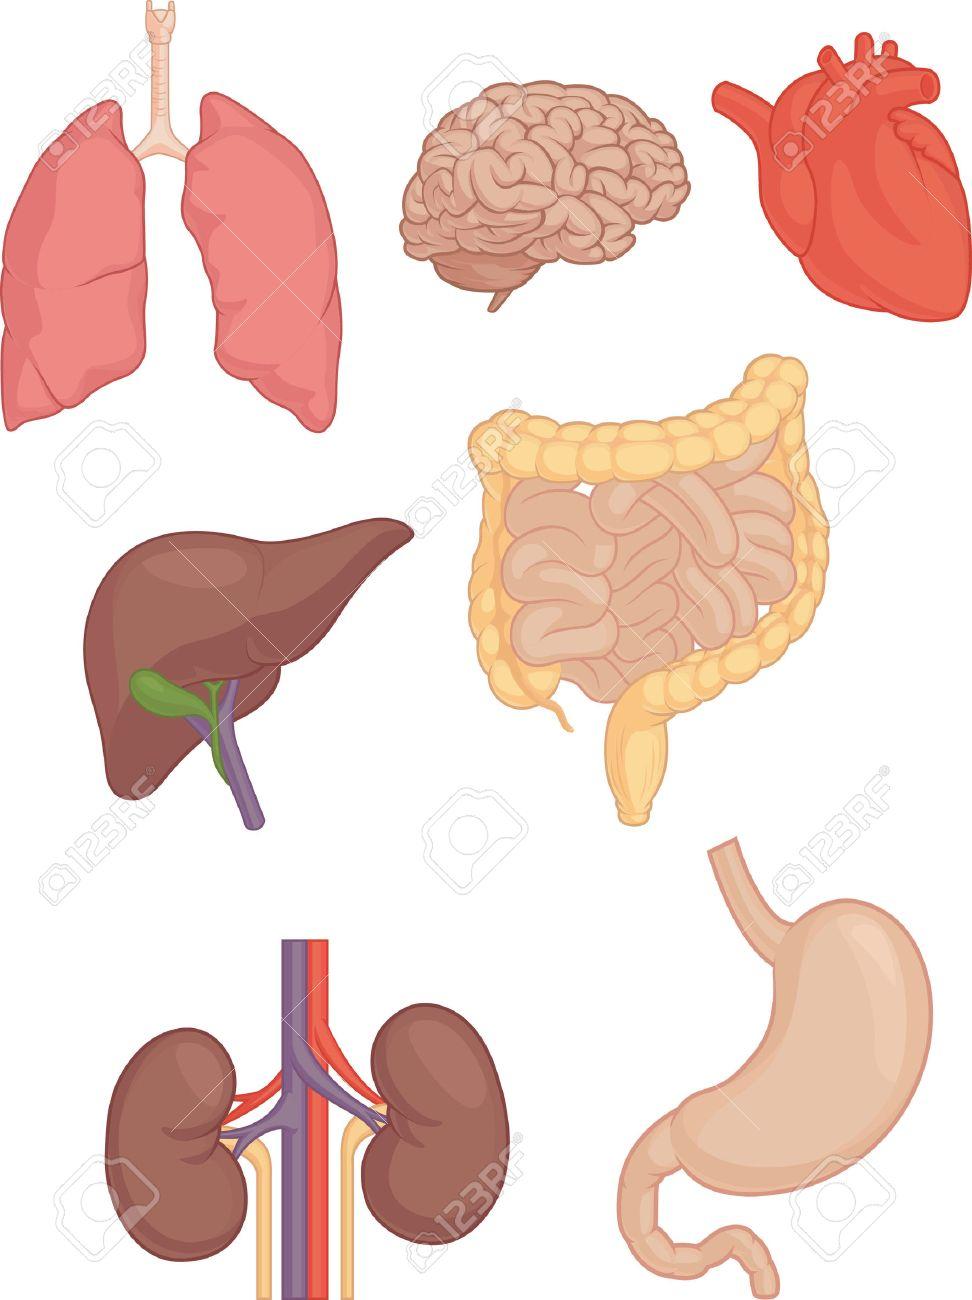 Teile Des Menschlichen Körpers - Gehirn, Lunge, Herz, Leber, Darm ...